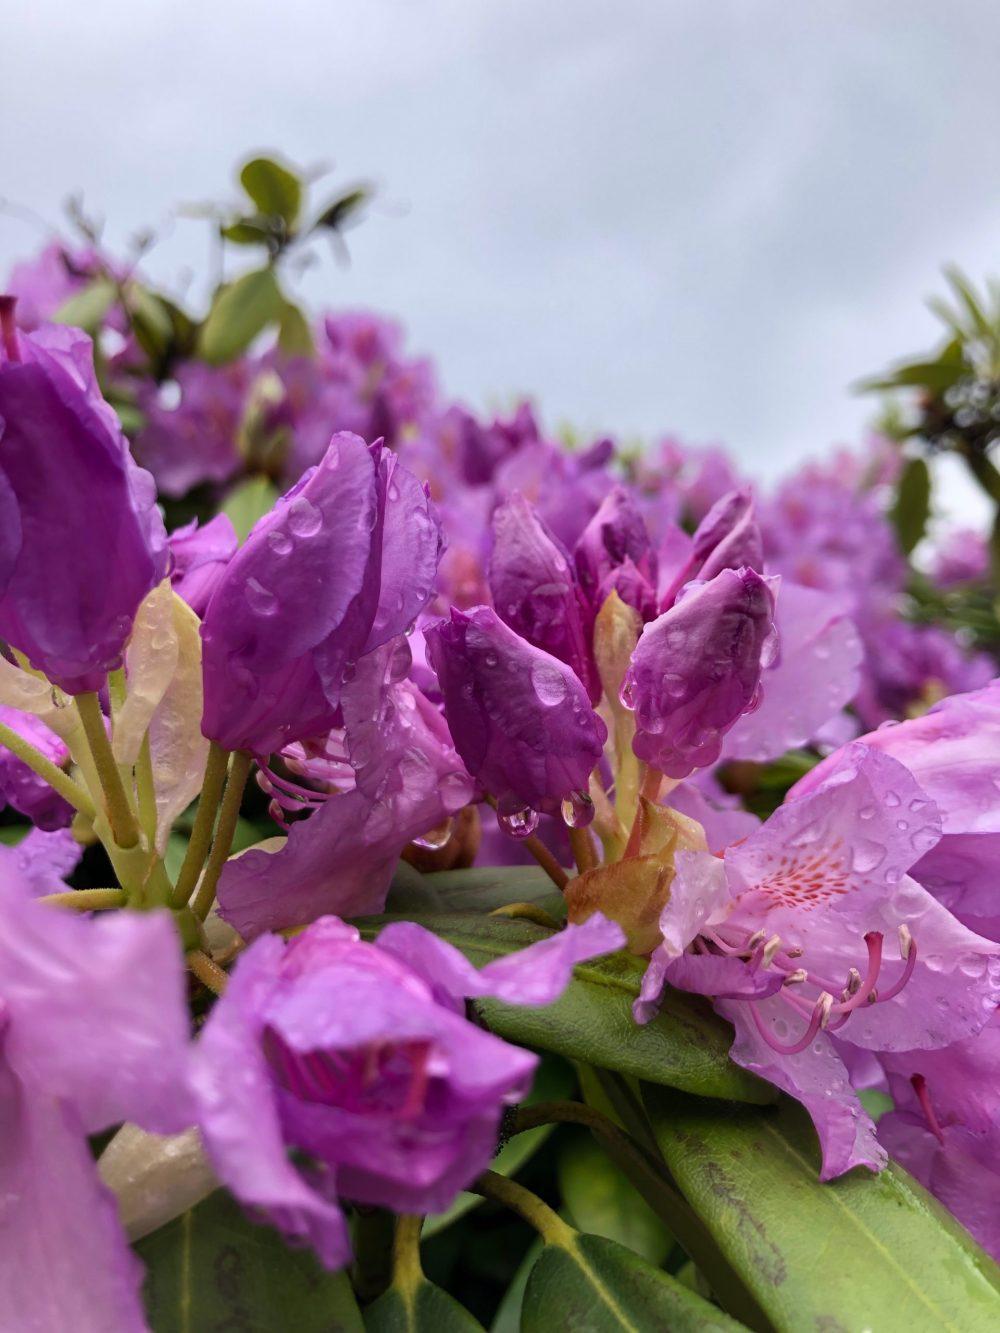 Geschlossene Blüten mit Wassertropfen